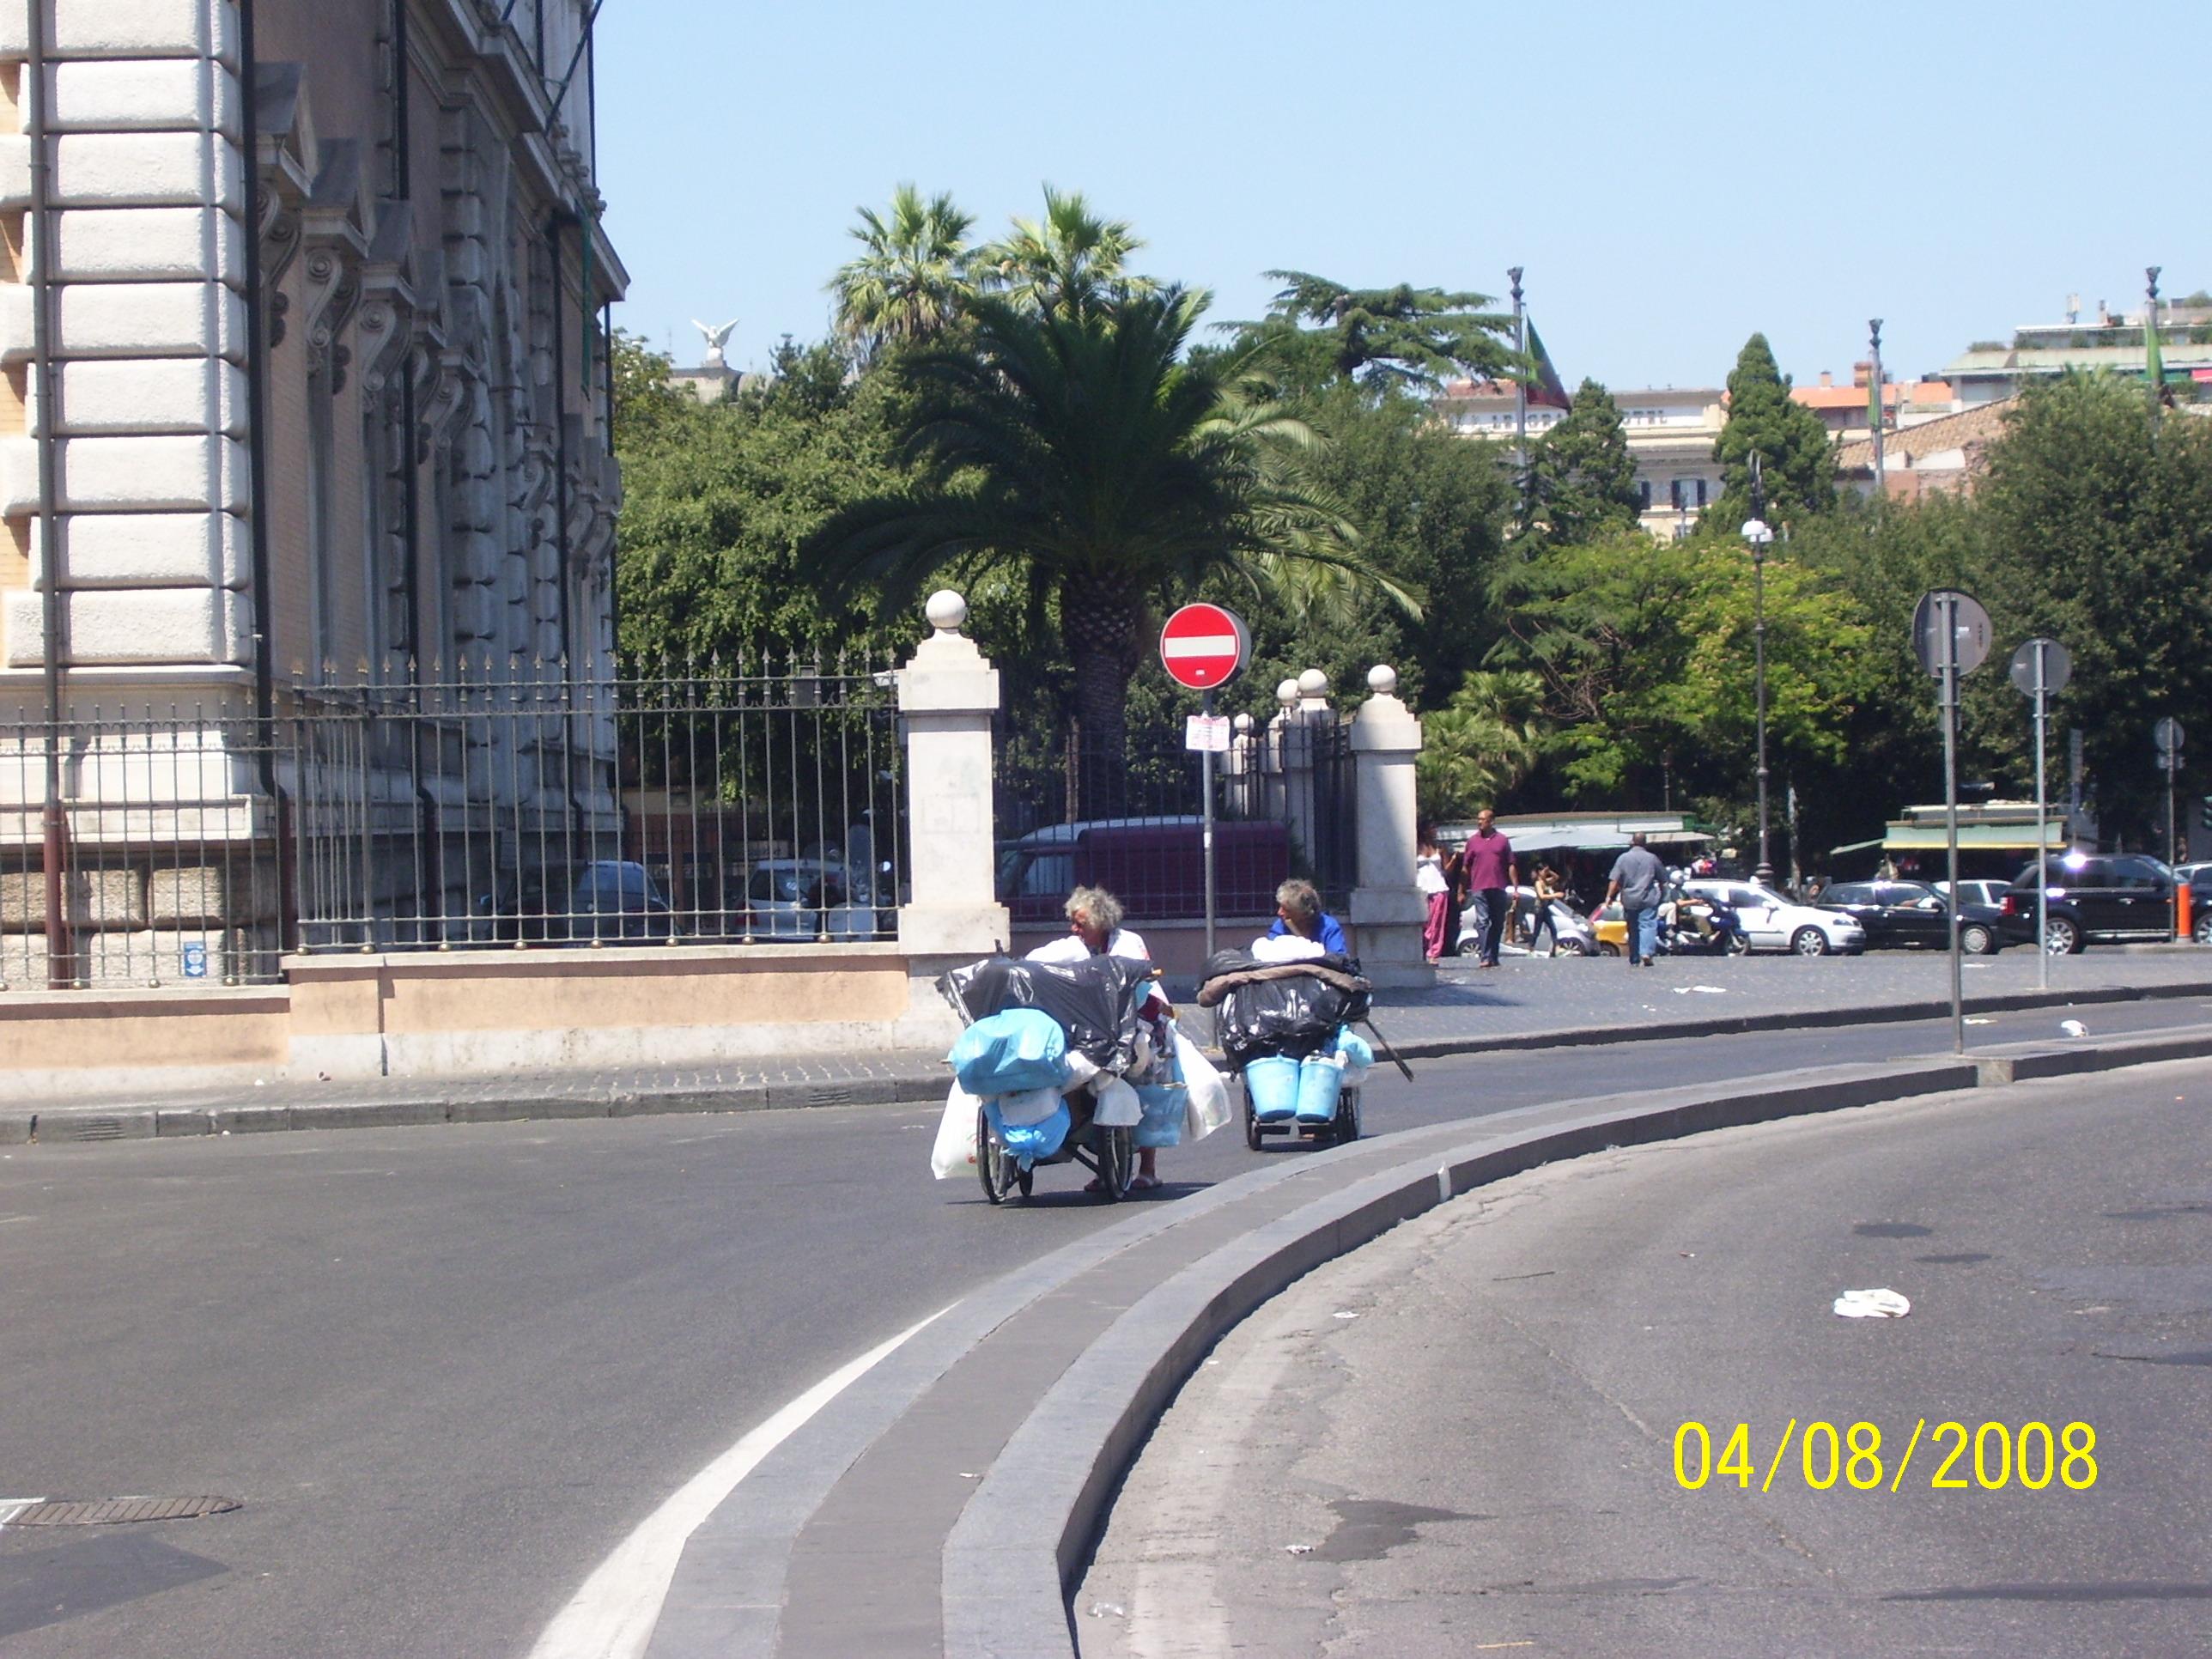 Dentro la nostra Europa e fuori dalla Televisione c'è anche questo, se lo teniamo fuori non c'è nessun allargamento    FOTO di Aldo Ciummo, Roma, 2008